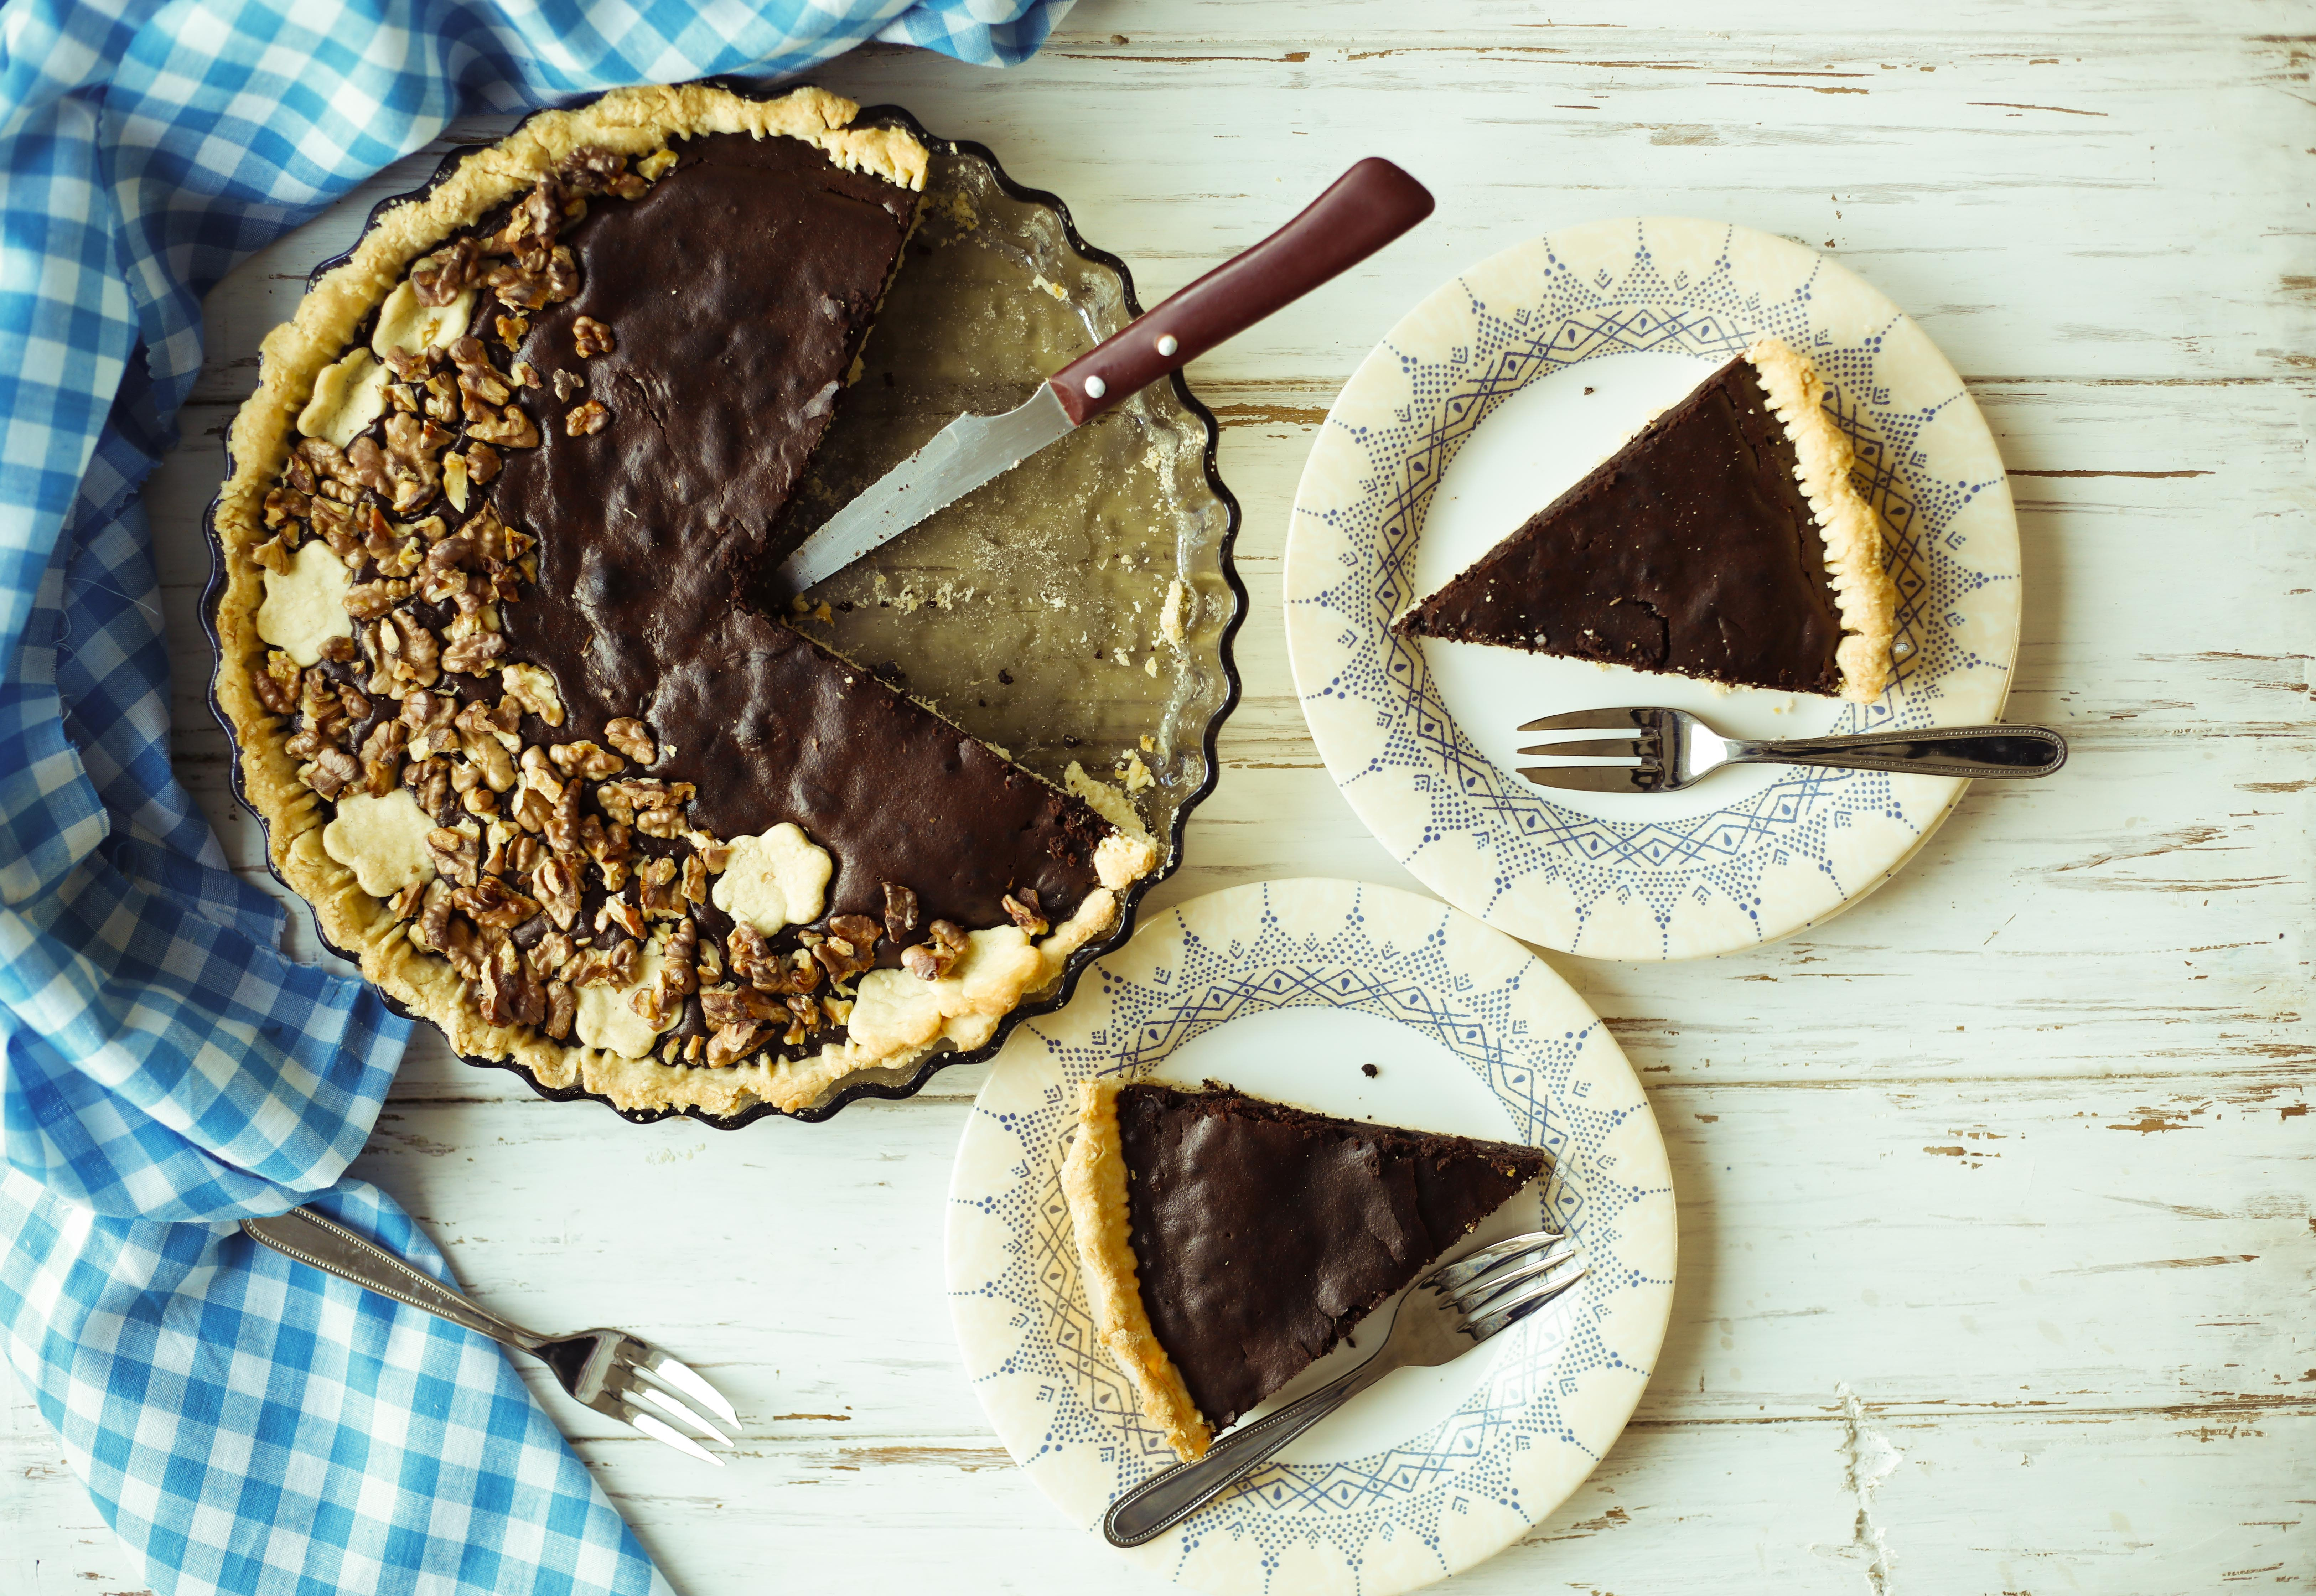 tarteauchocolat-claudialeclercq-chocolatepie6